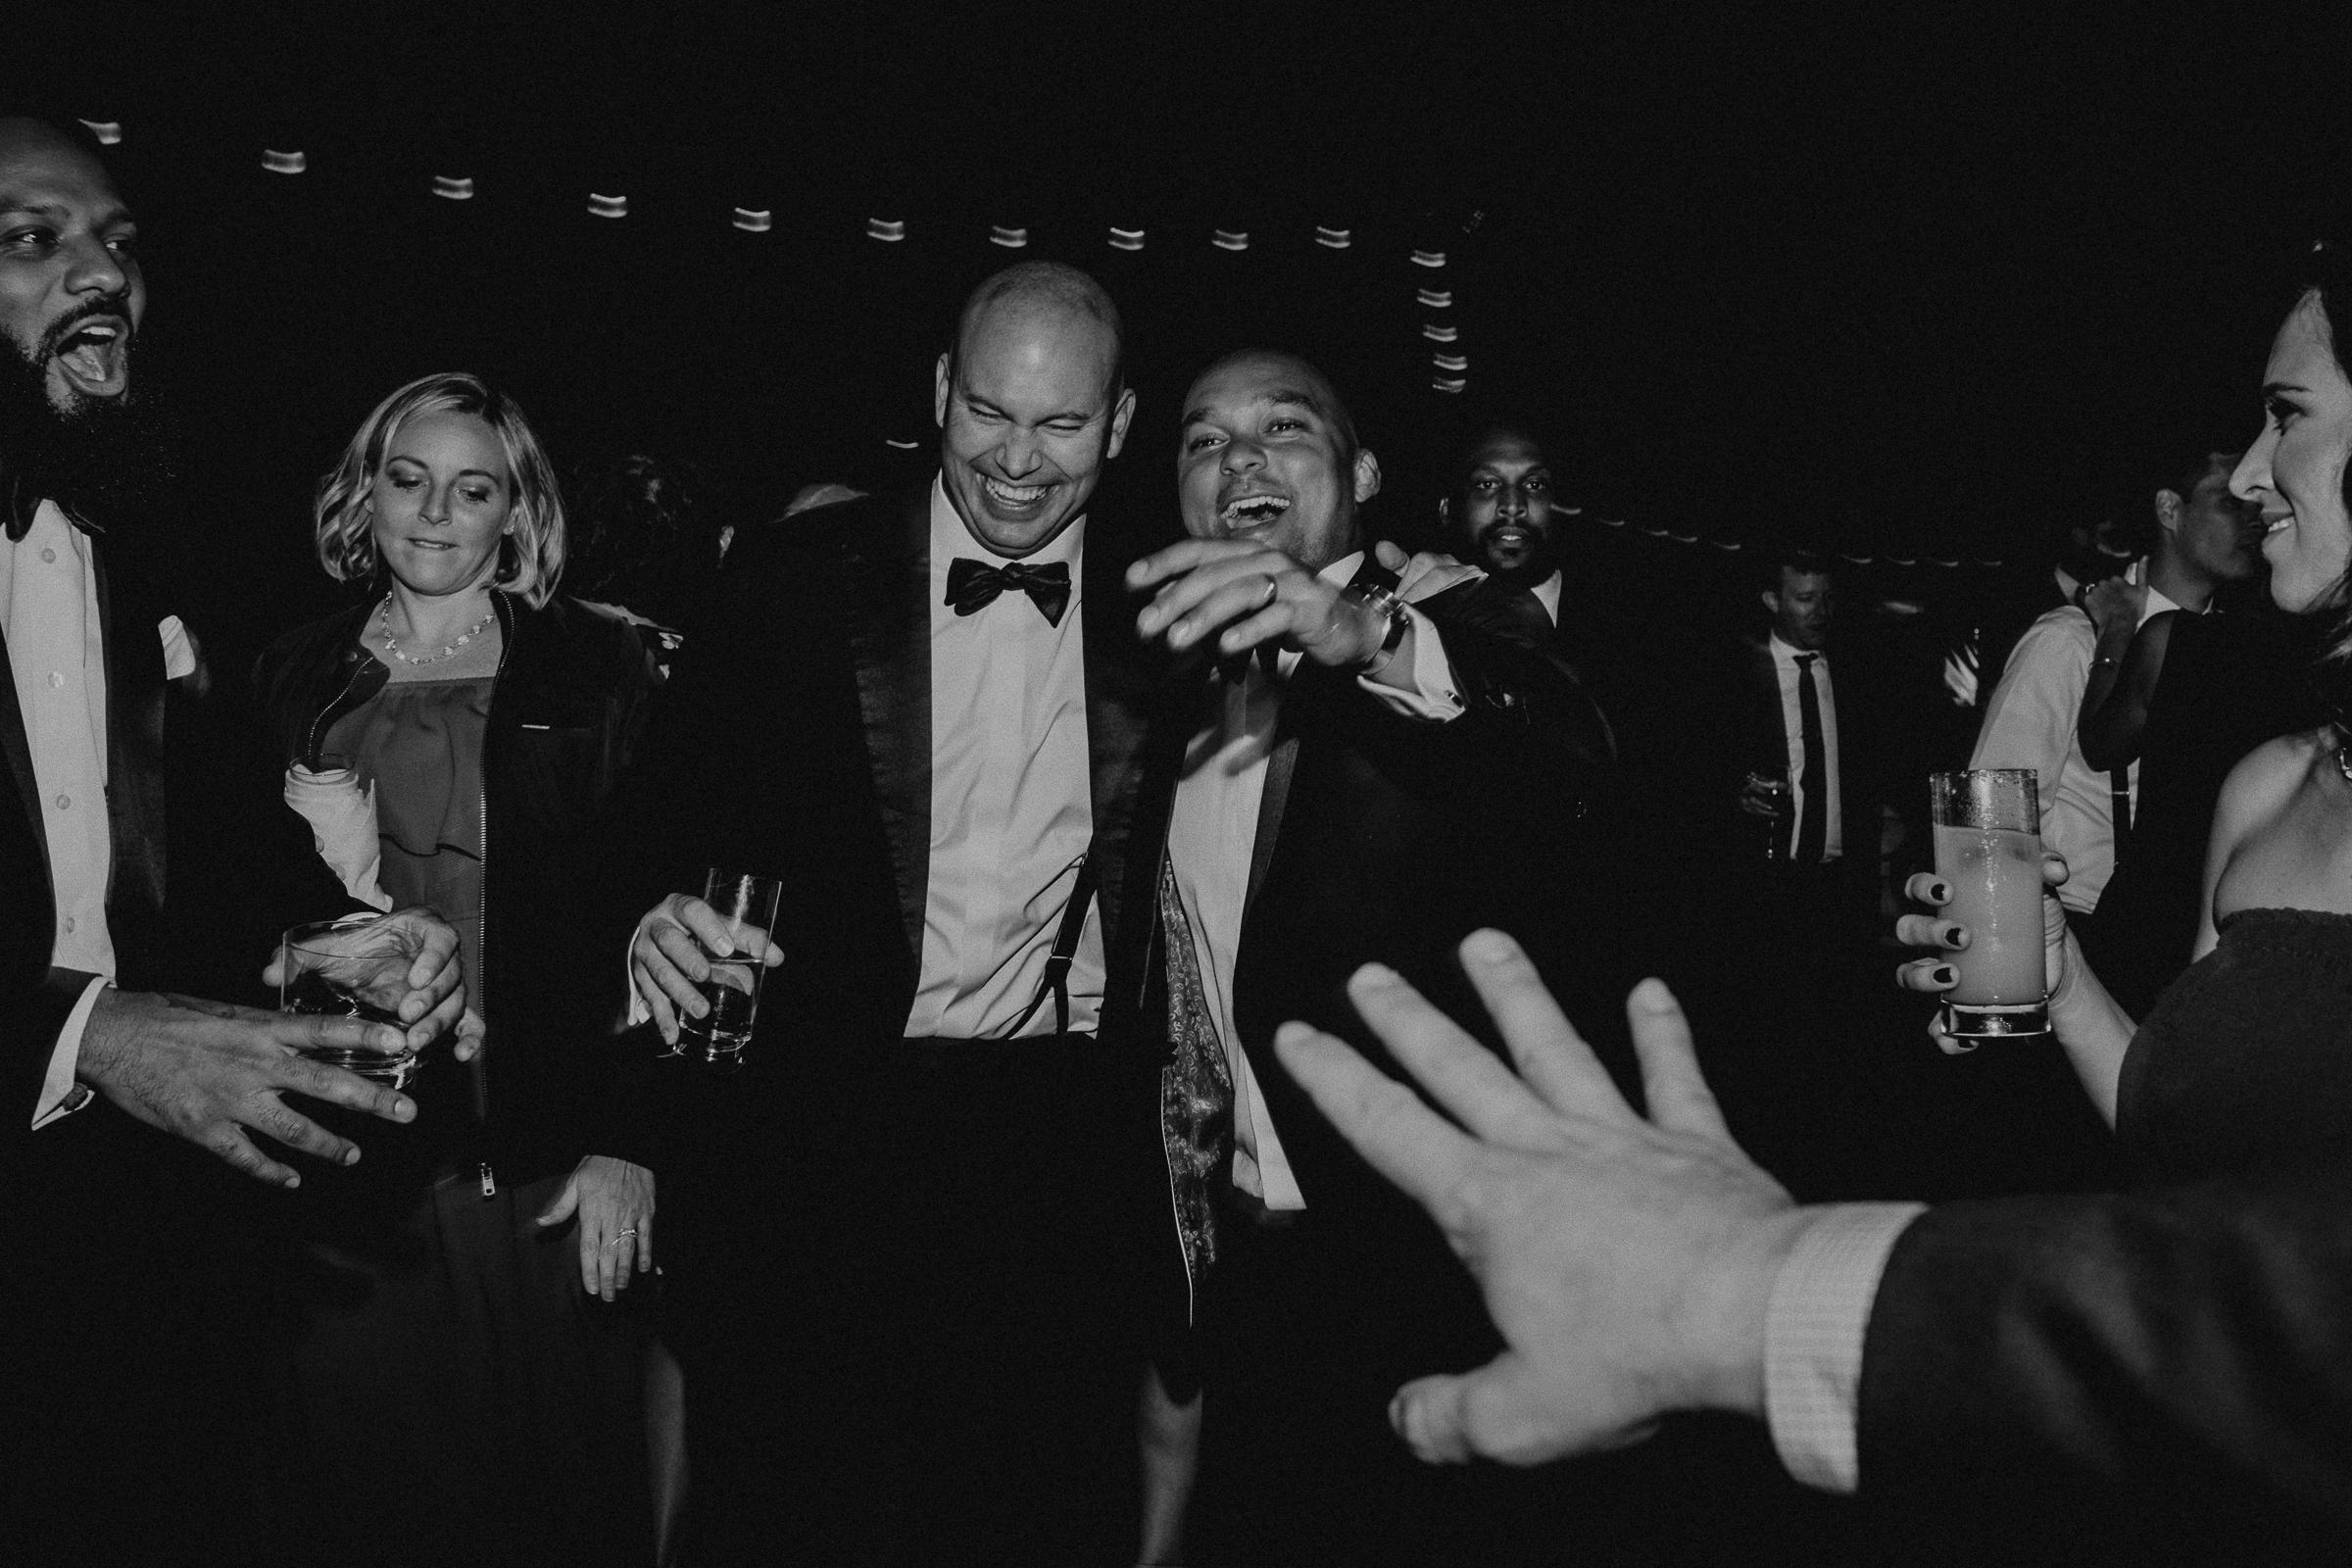 Oakland Museum of California Wedding #fallwedding #modernwedding #minimalswedding #BayAreaWeddingPhotographer #weddingprep #weddingday #weddingceremony #weddingdaydetails #brideandgroom #reception